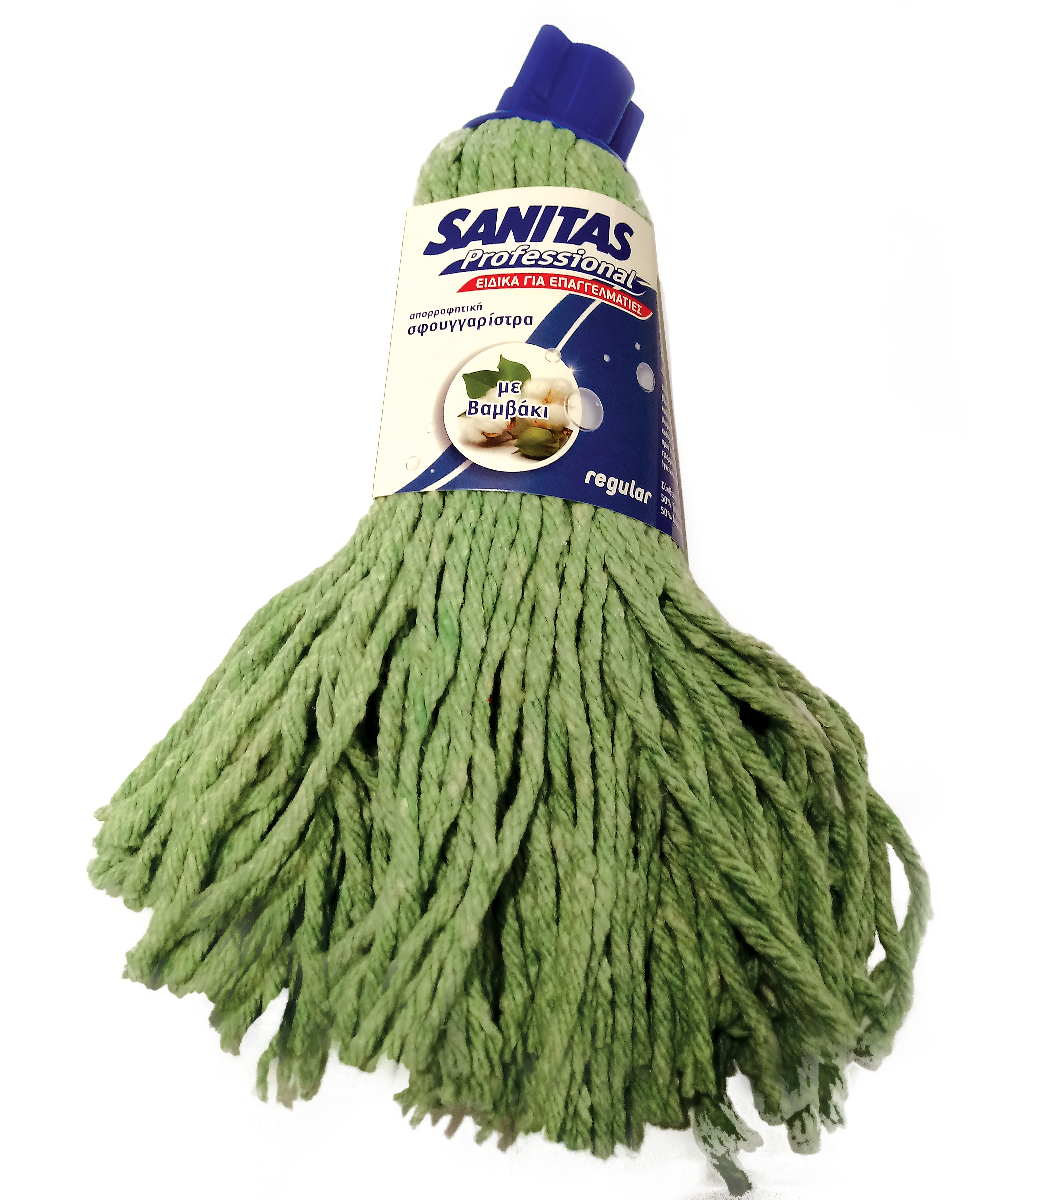 Σφουγγαριστρα με νήμα πράσινη Sanitas 275gr